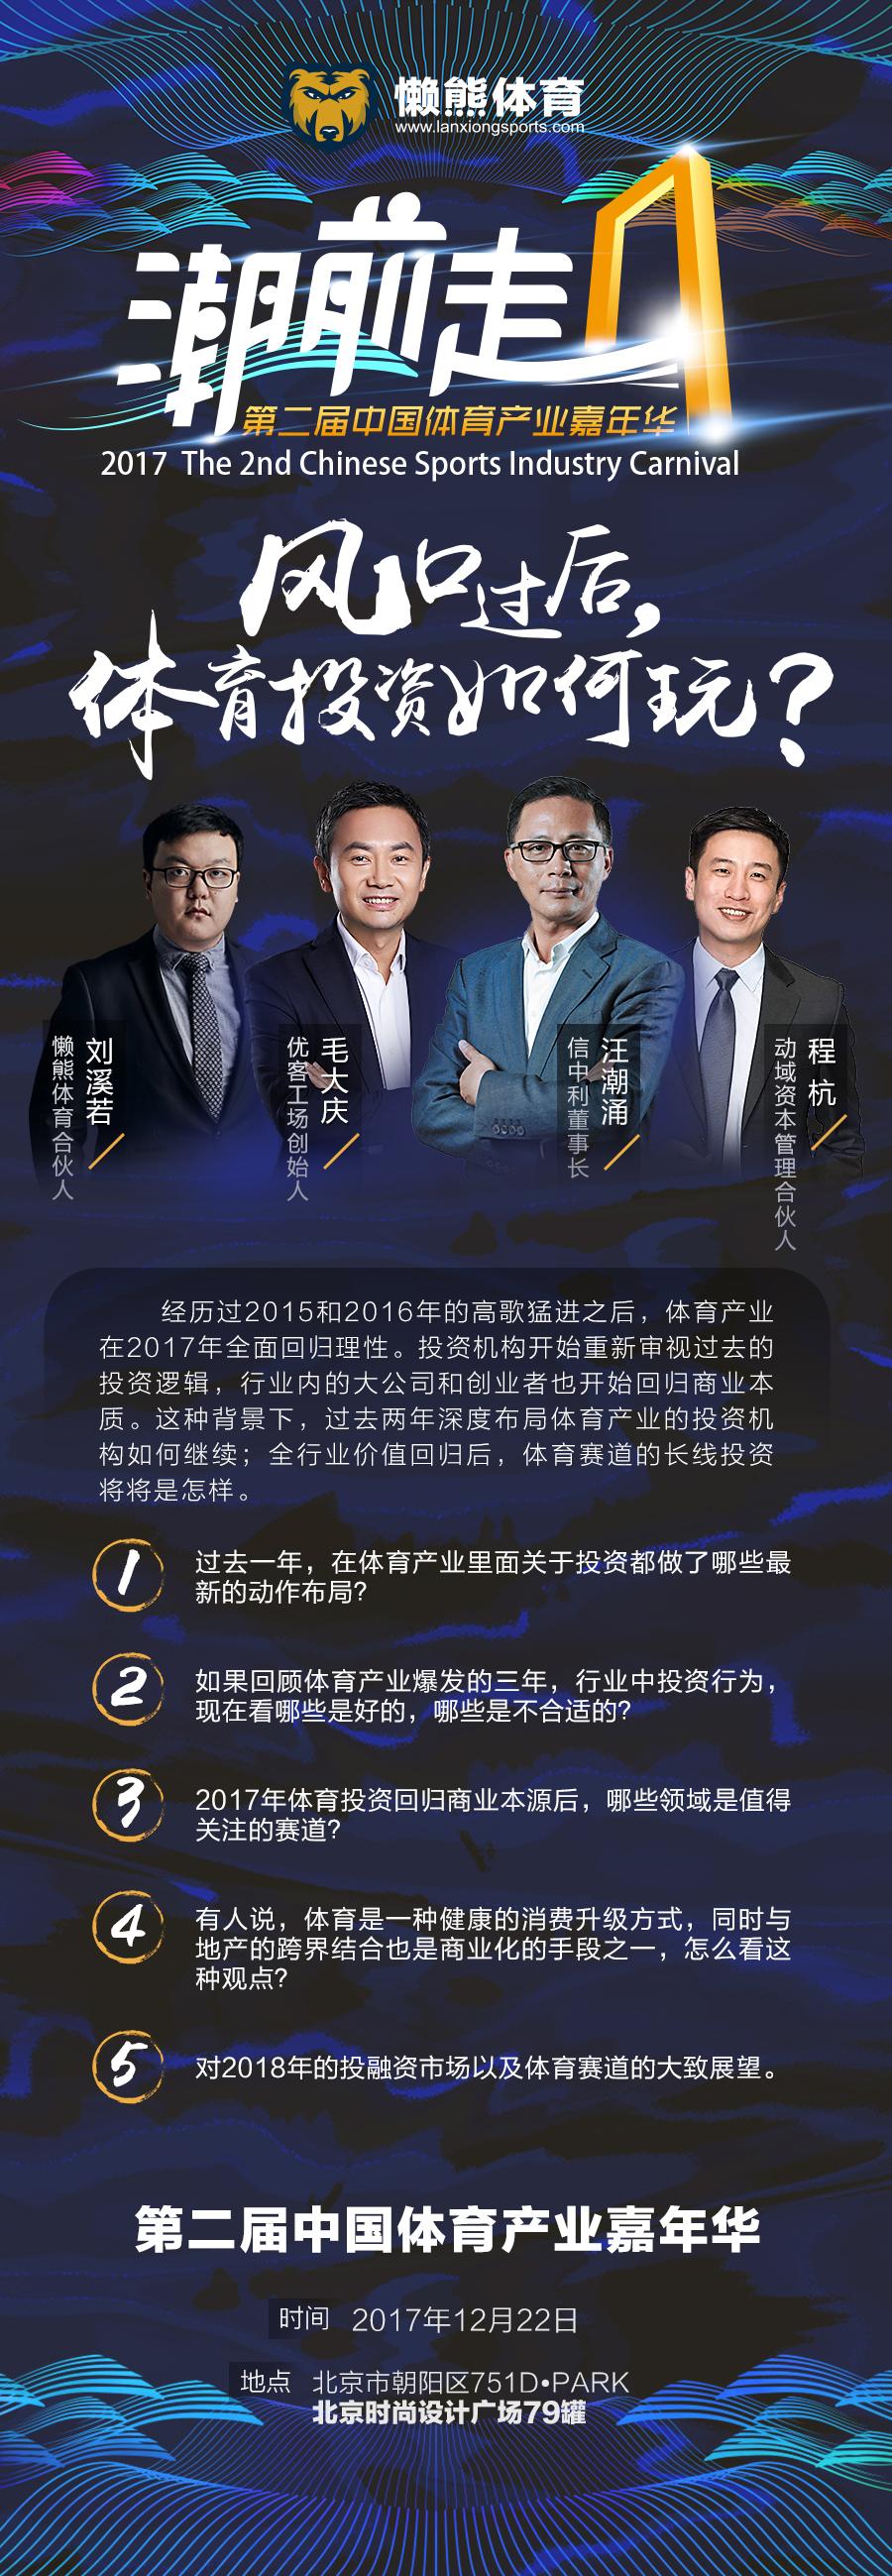 凛冬将尽?这4个领域率先穿越泡沫的起伏 | 2017中国体育产业七日谈